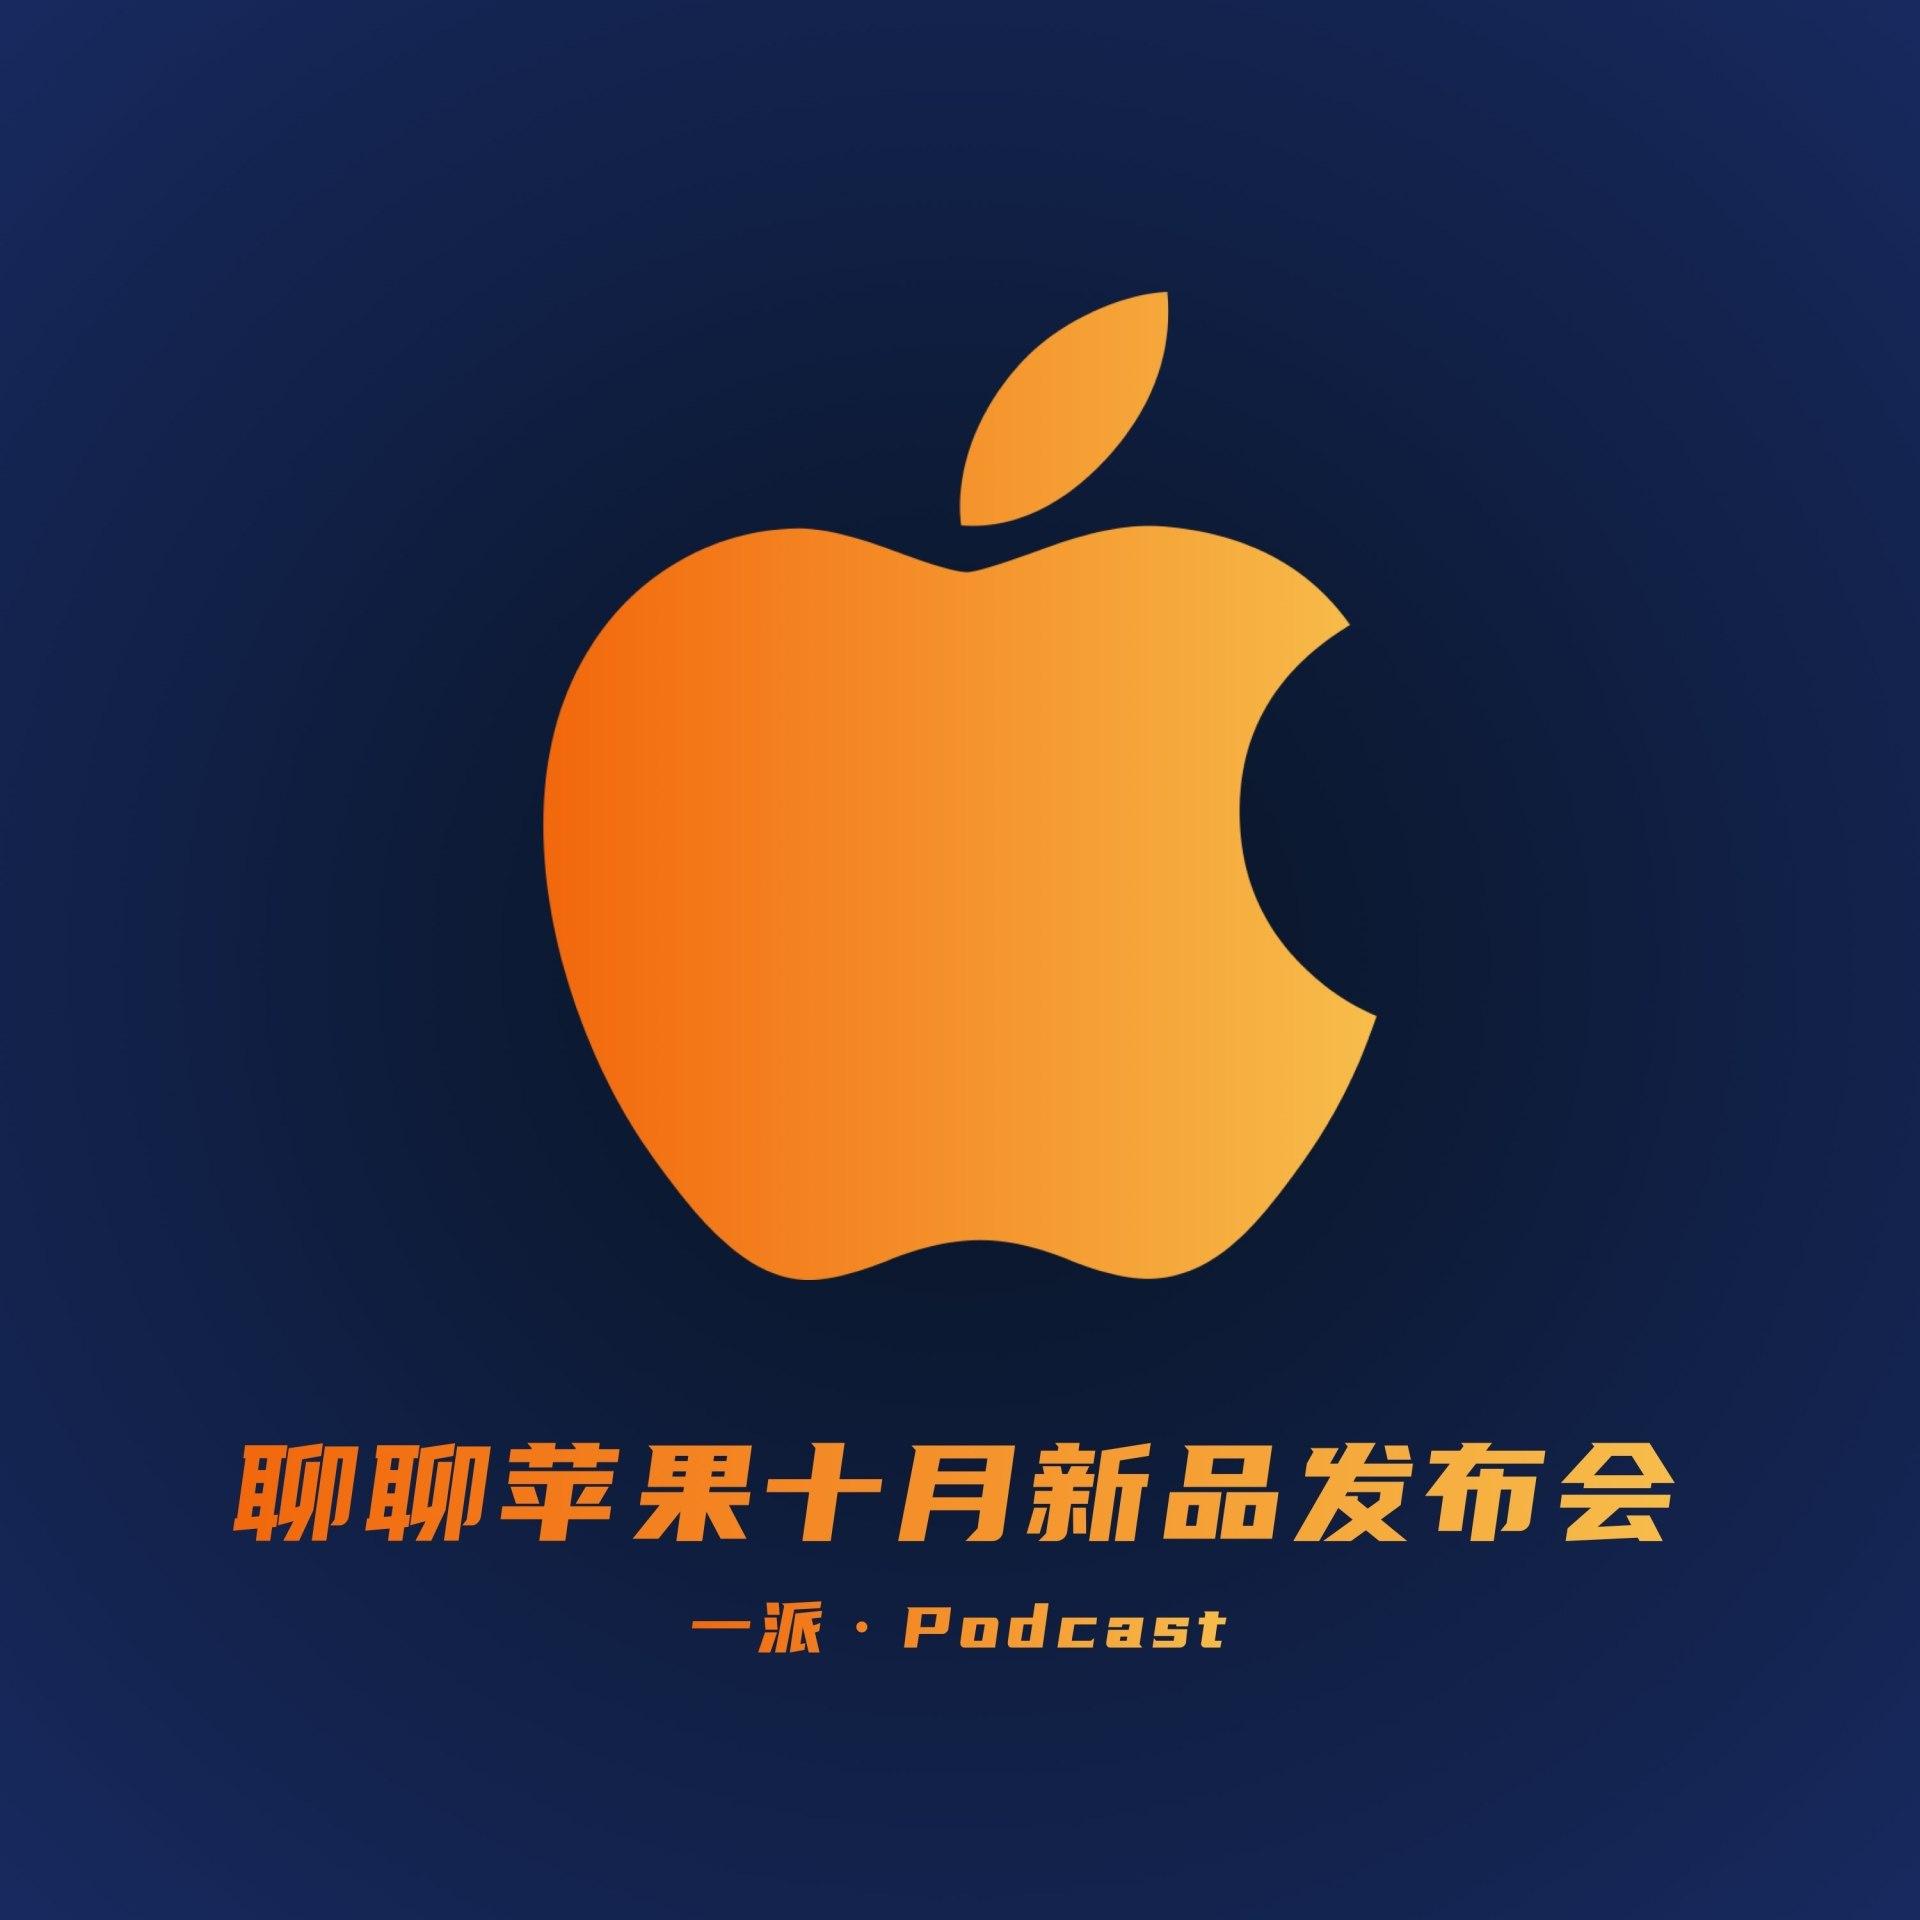 聊聊苹果十月新品发布会,iPhone 12 终于来了